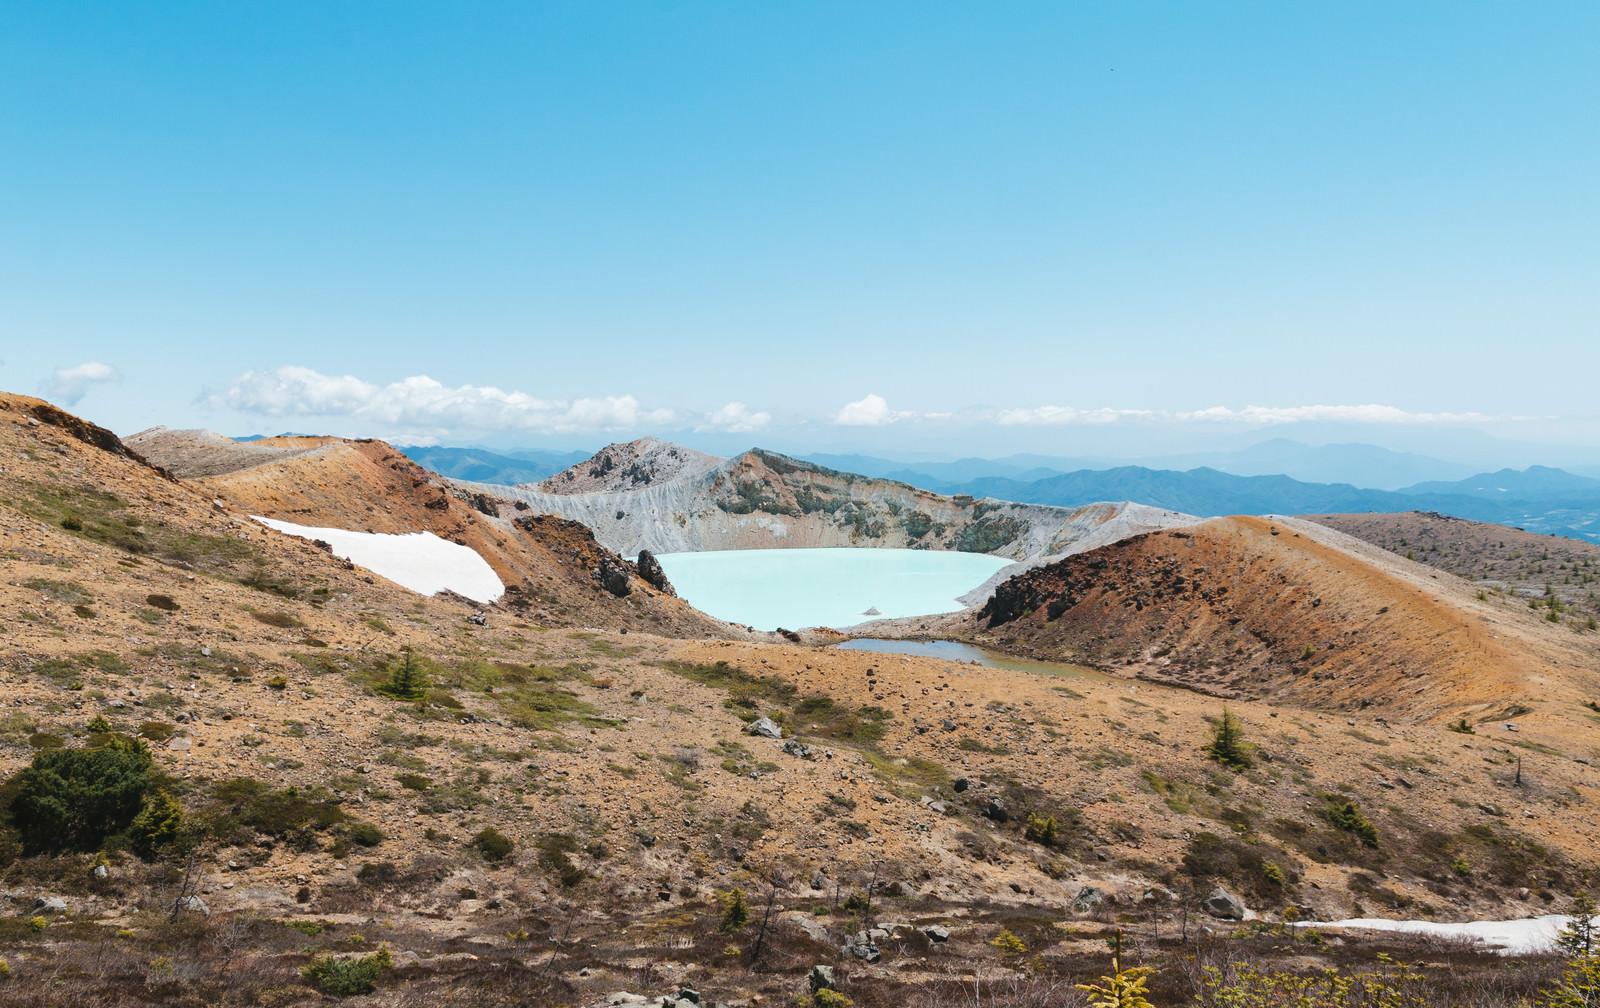 「草津白根山にある乳白色の湯釜草津白根山にある乳白色の湯釜」のフリー写真素材を拡大